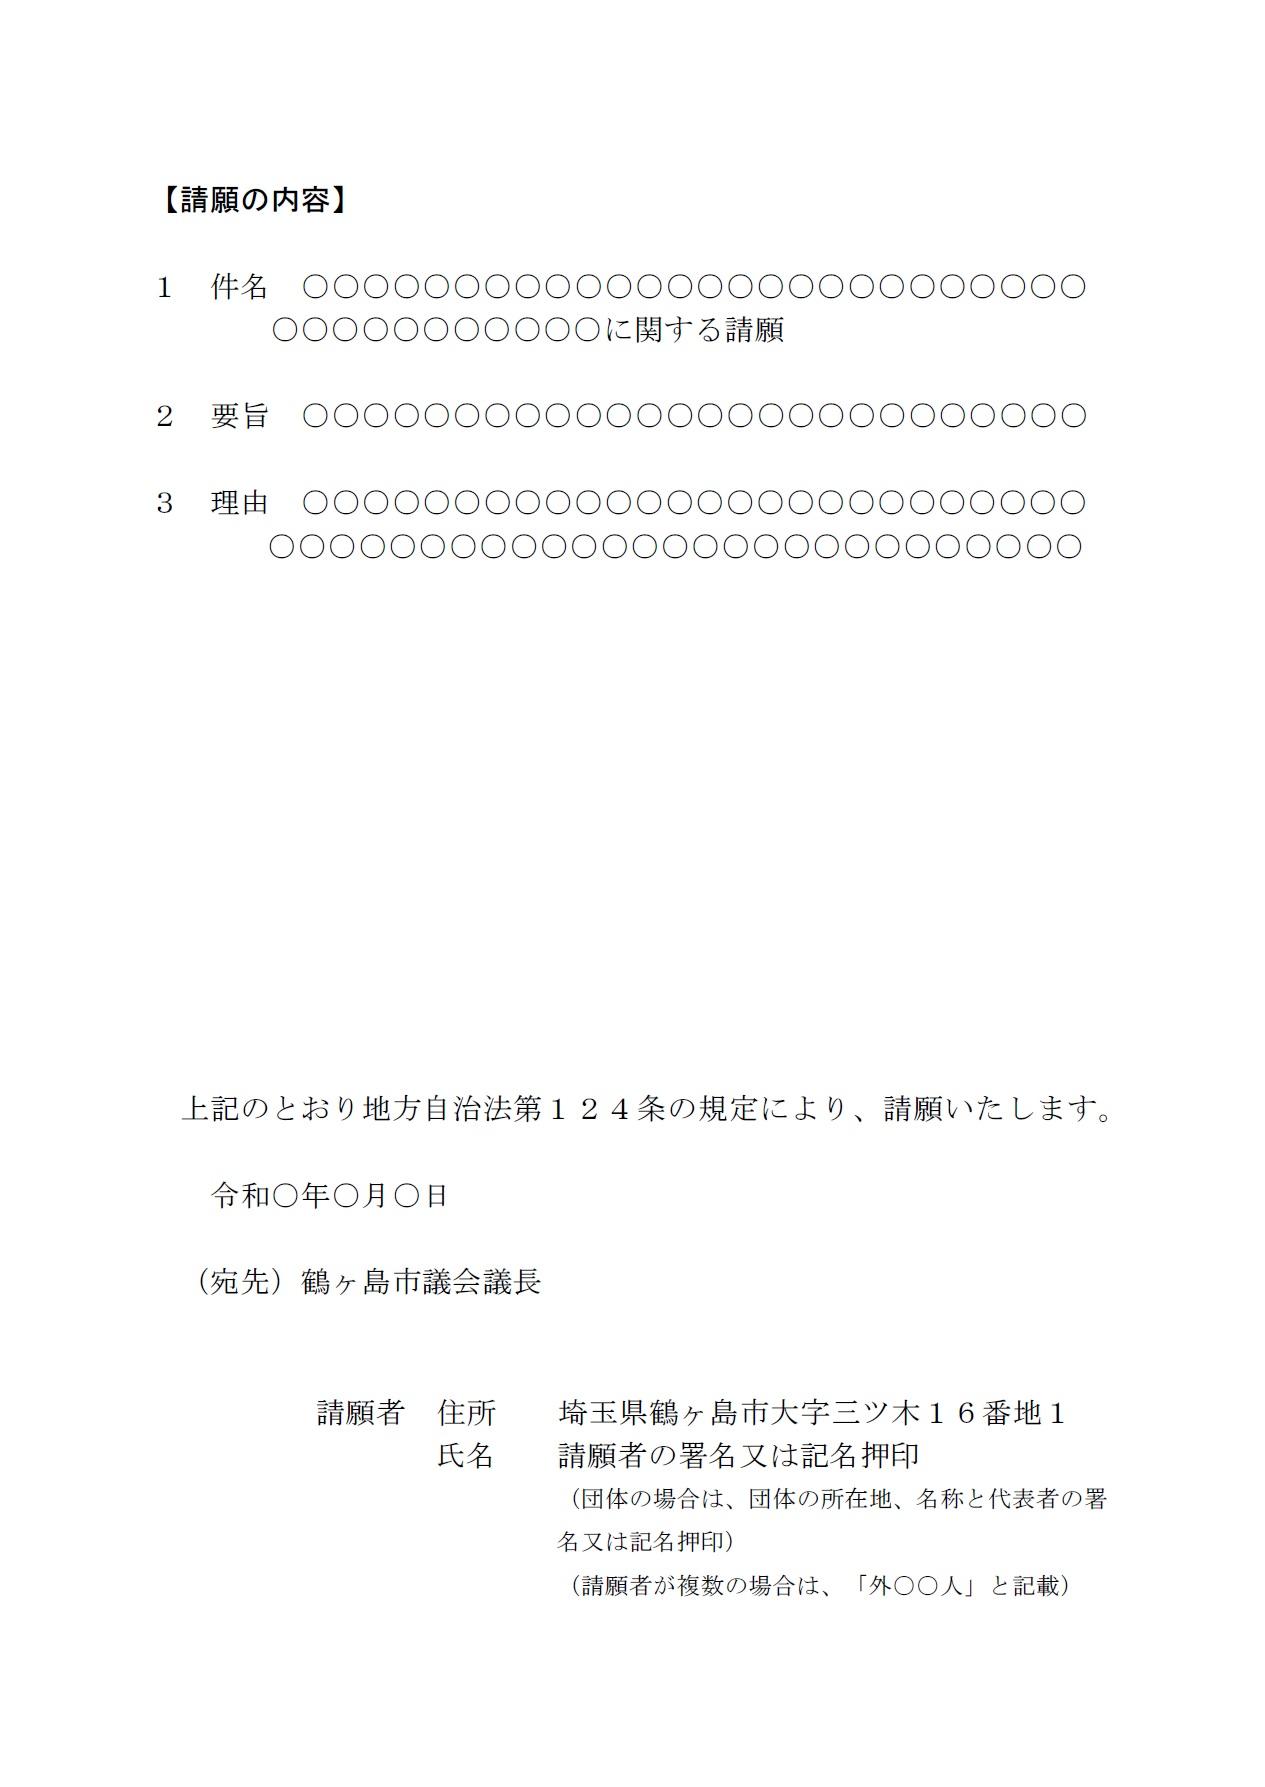 『請願書(内容)書式例』の画像